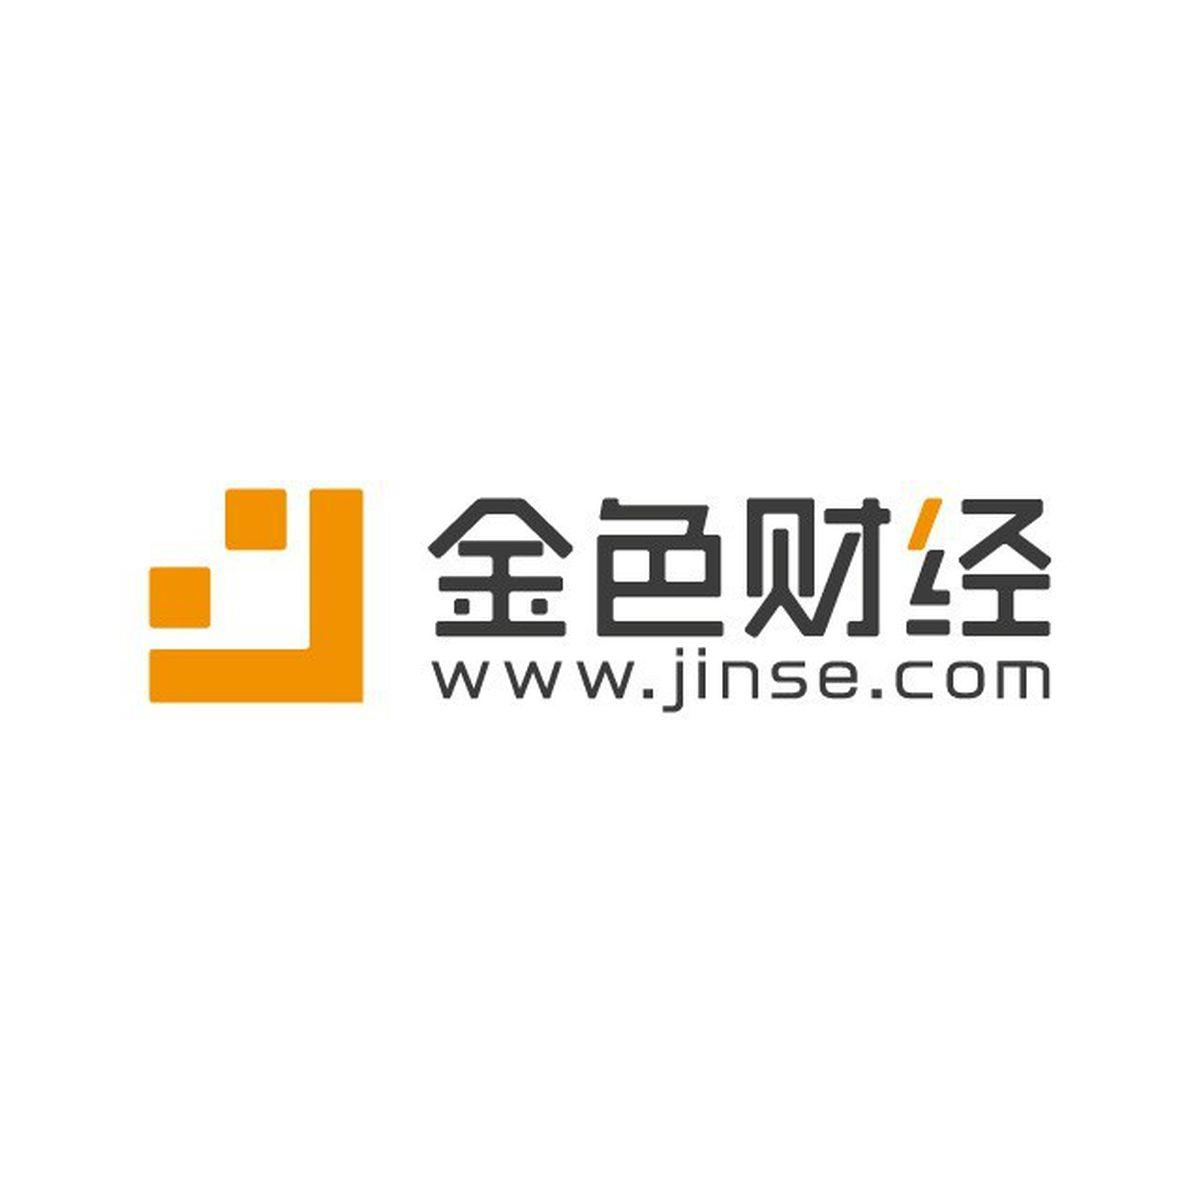 jinse-caijing__50665.jpeg